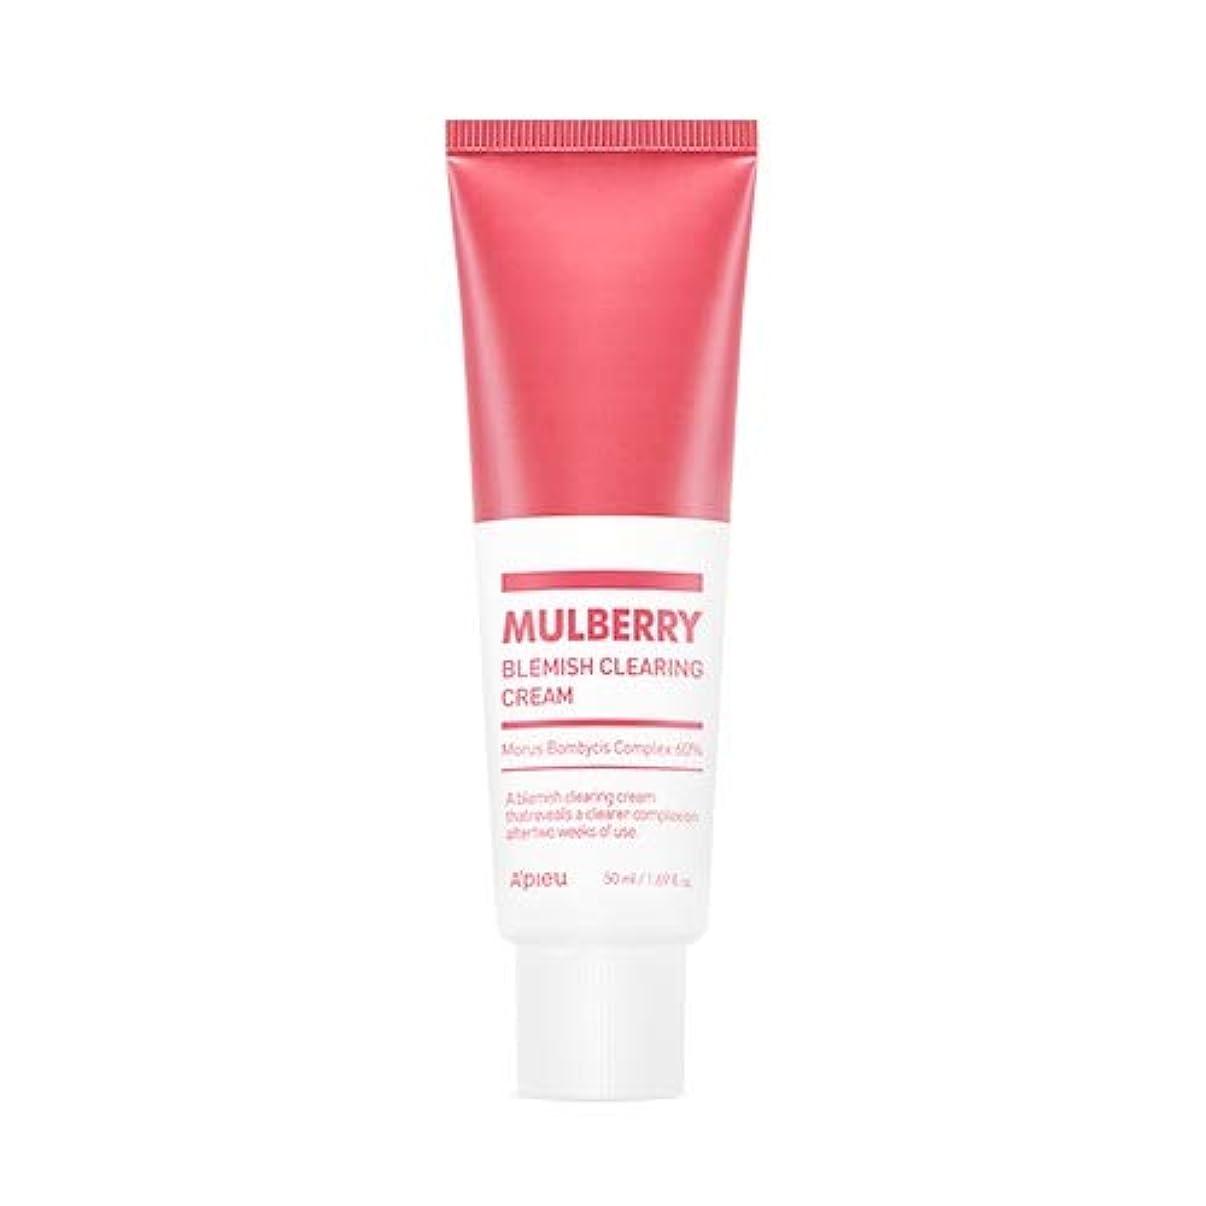 成功した征服フェリーアピュ マルベリー ブラミッシュ クリアリング クリーム 50ml / APIEU Mulberry Blemish Clearing Cream 50ml [並行輸入品]